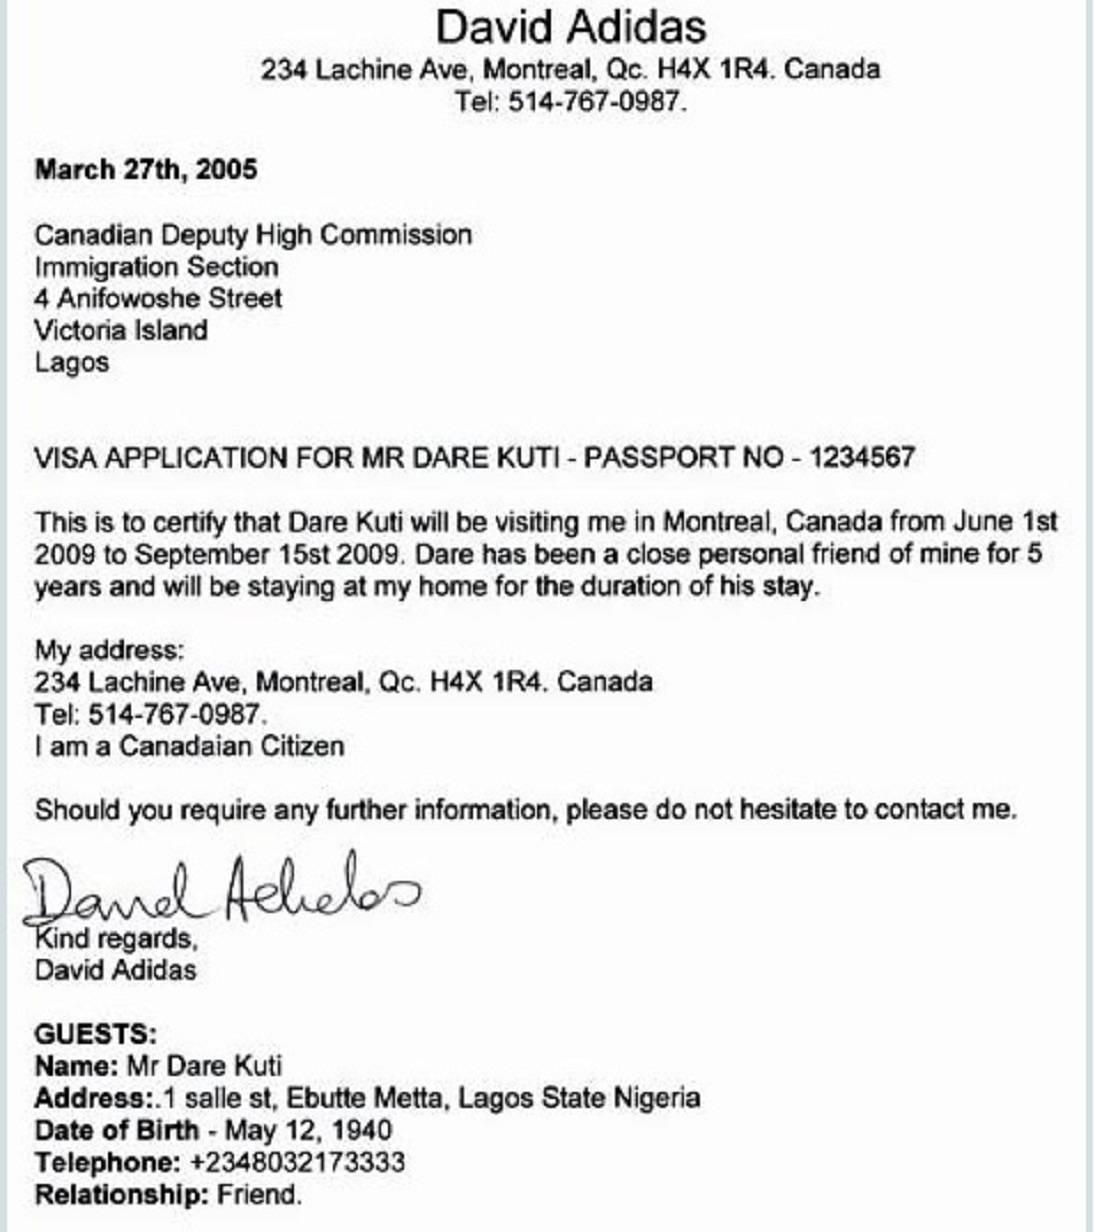 Документы для визы в германию по приглашению, сроки оформления, стоимость